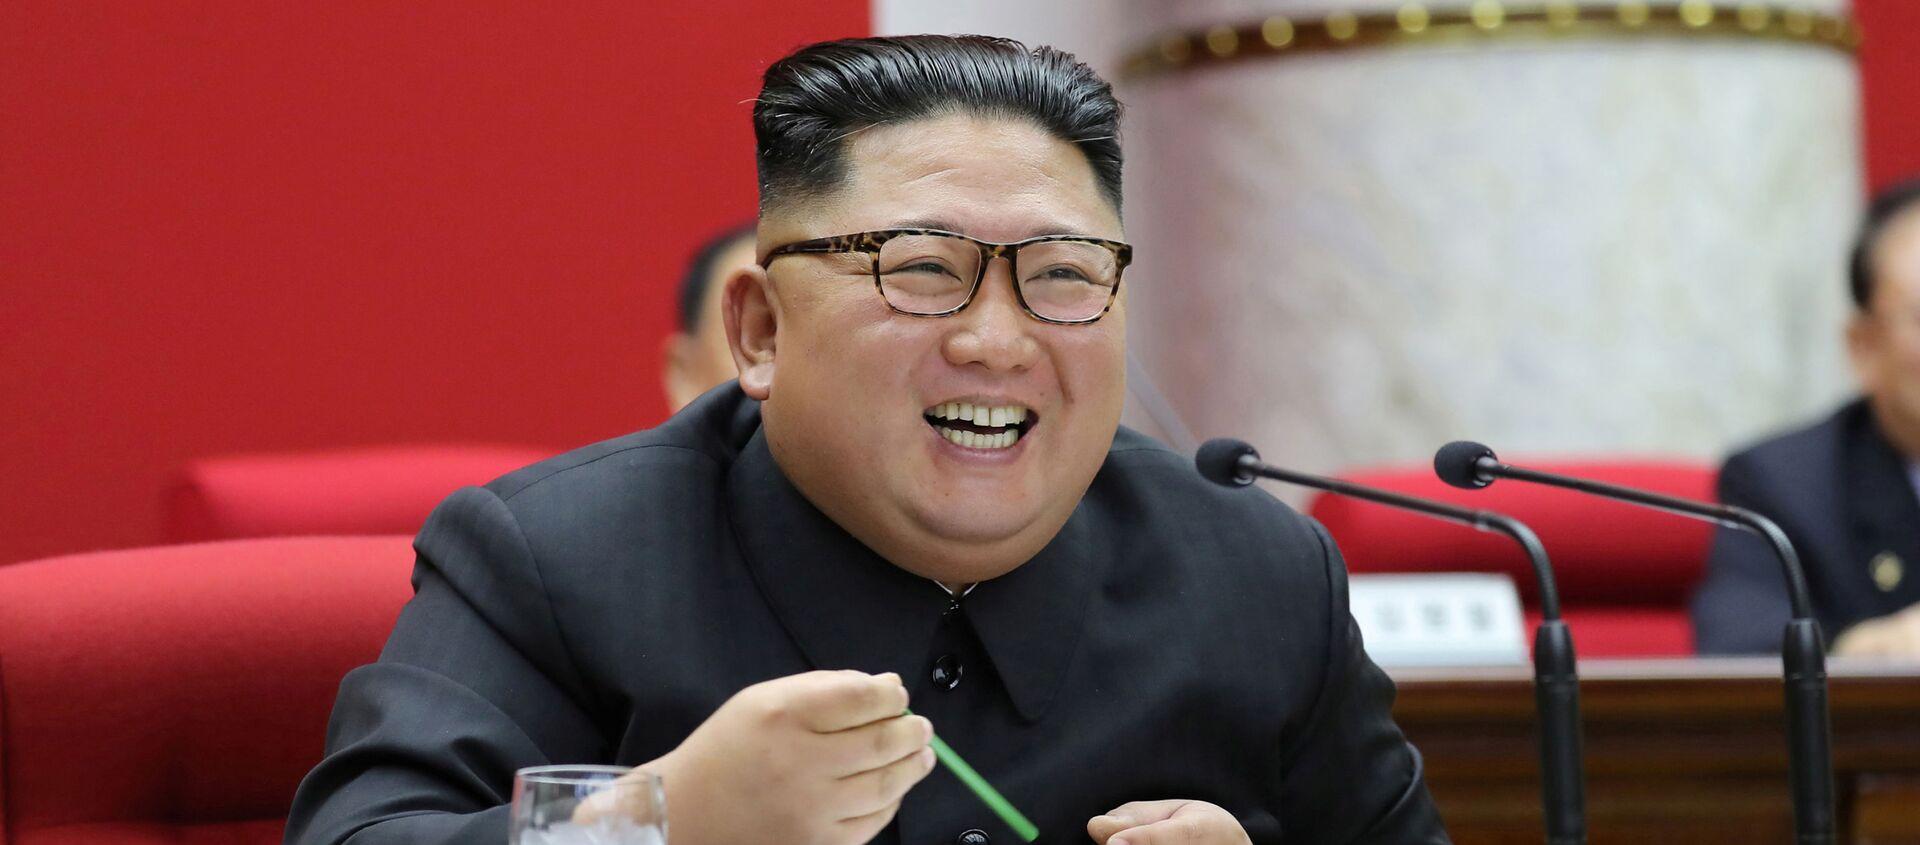 Глава КНДР Ким Чен Ын  - Sputnik Беларусь, 1920, 01.02.2021